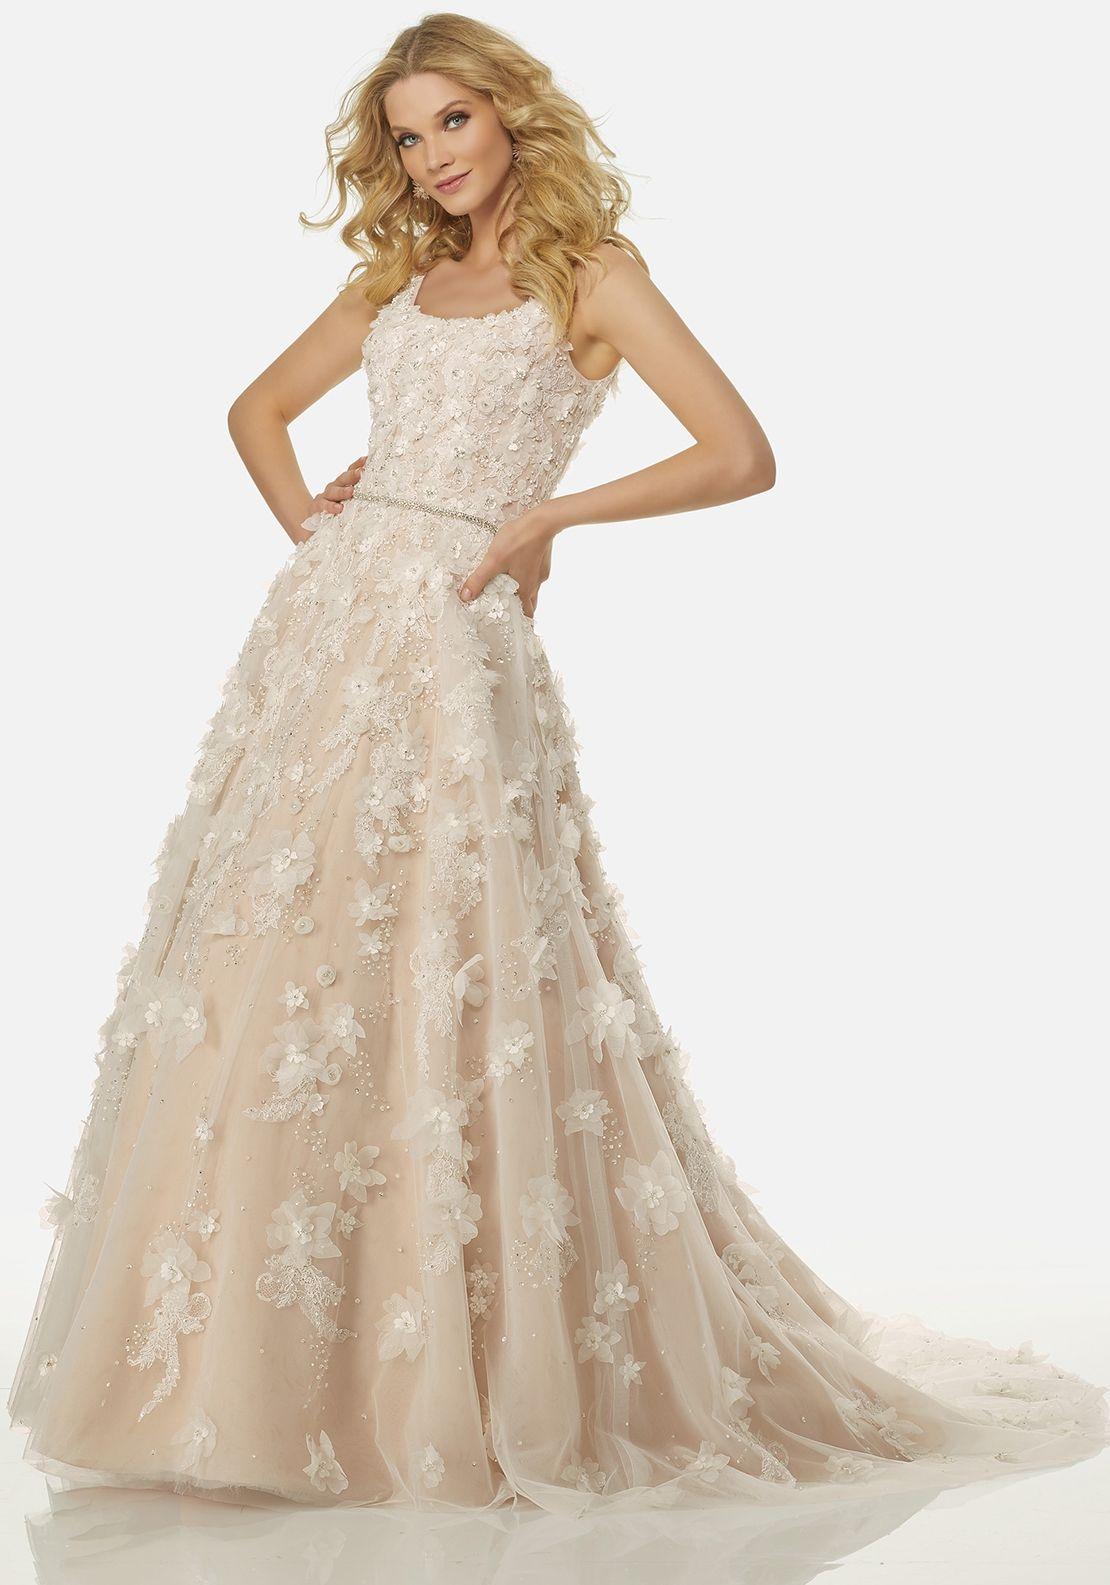 Randy fenoli wedding dresses  Randy Fenoli Wedding Dress   Wedding dress Bridal gowns and